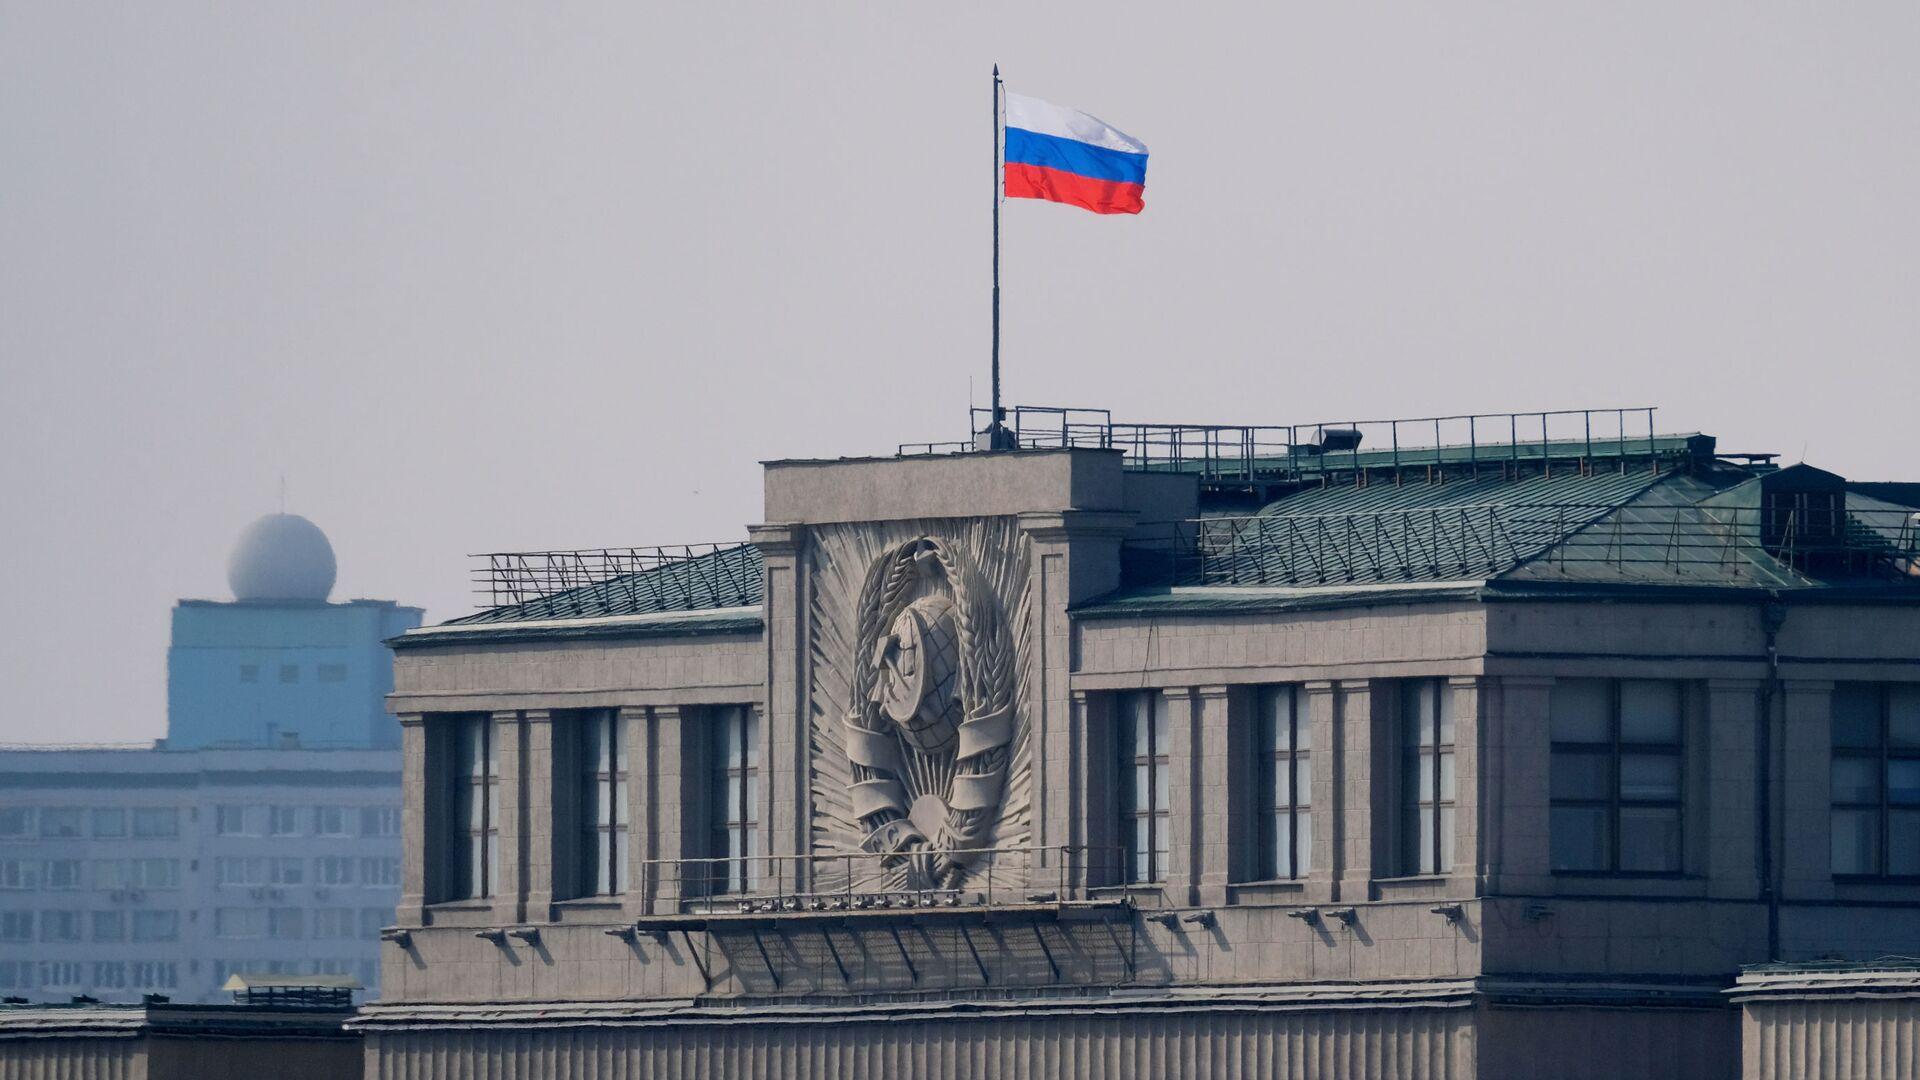 Siedziba Dumy Państwowej Rosji w Moskwie - Sputnik Polska, 1920, 16.09.2021